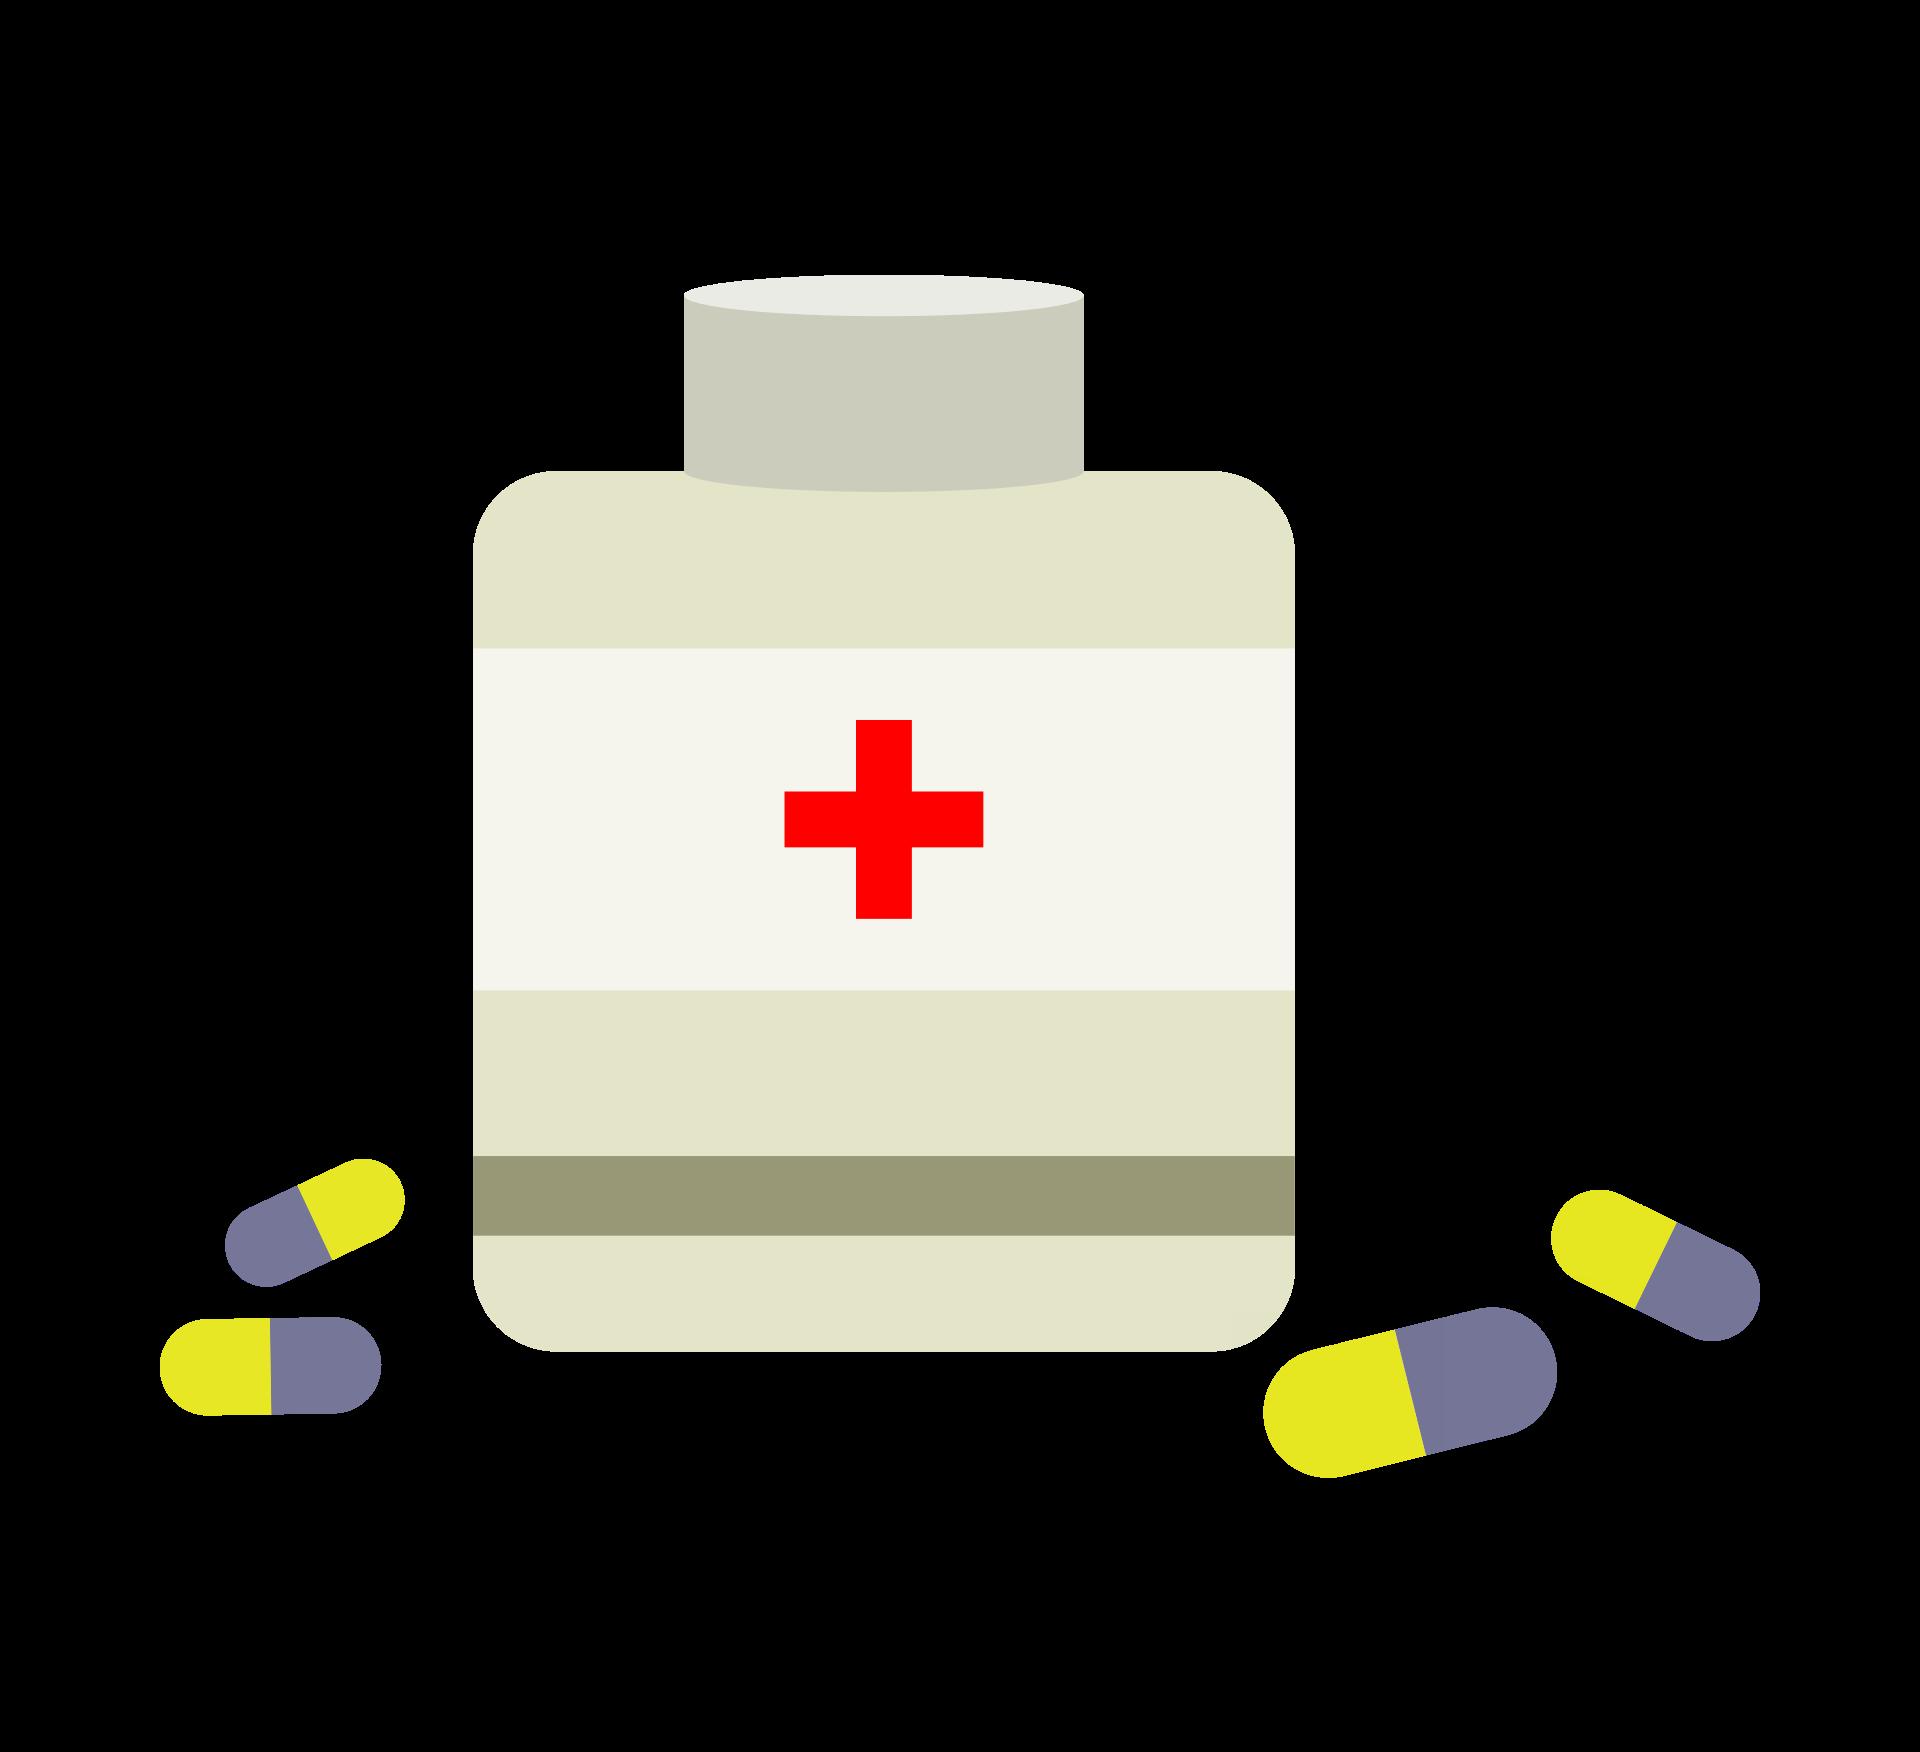 Terapia medica - farmaci - medicine